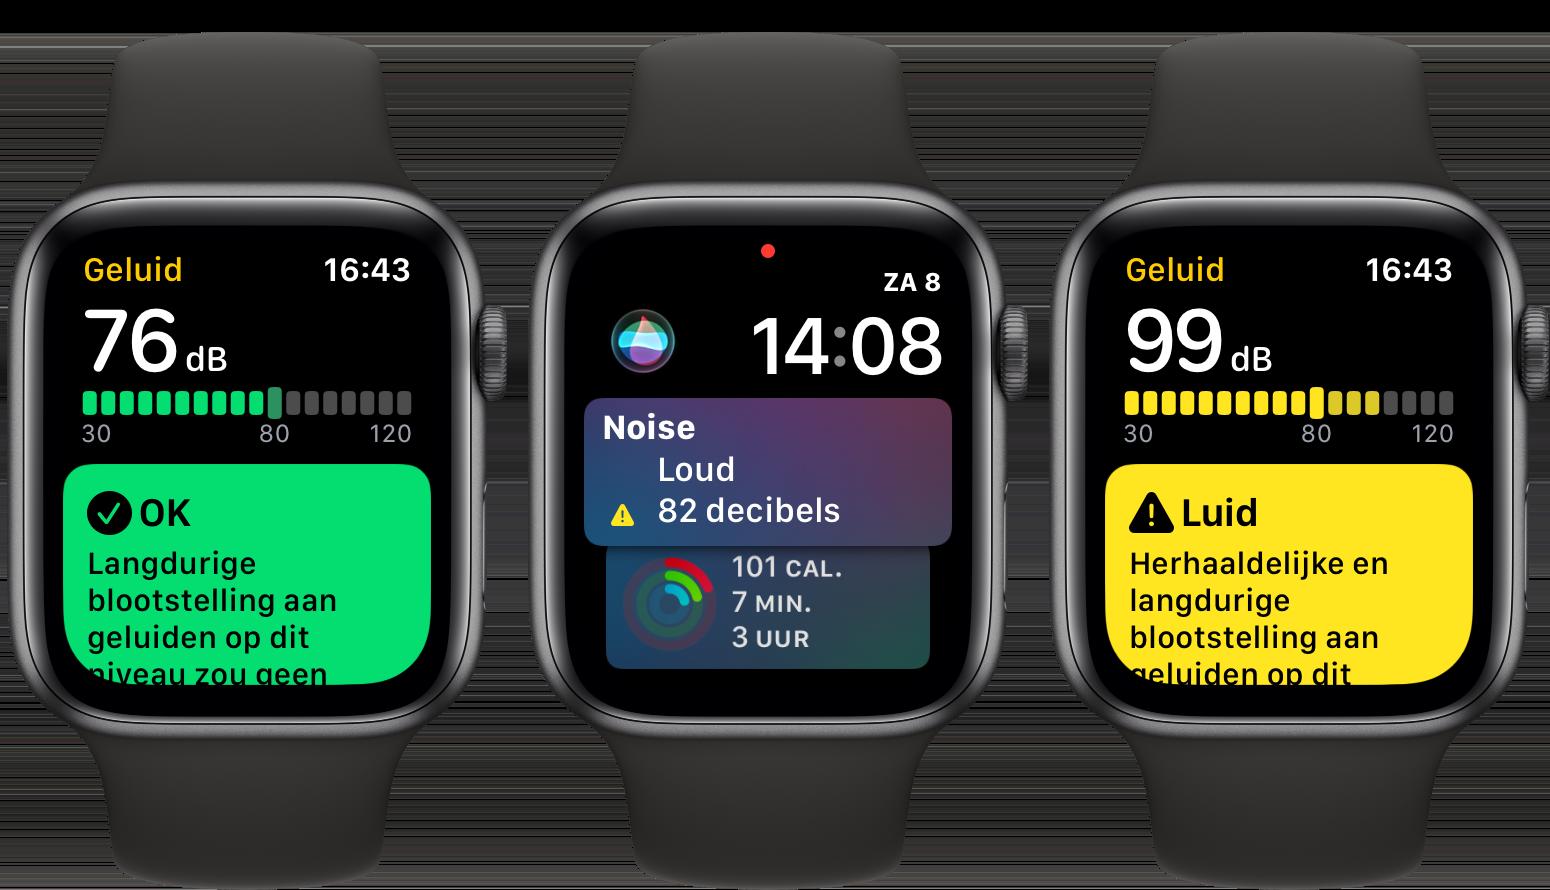 watchOS 6 Apple Watch Geluid-app